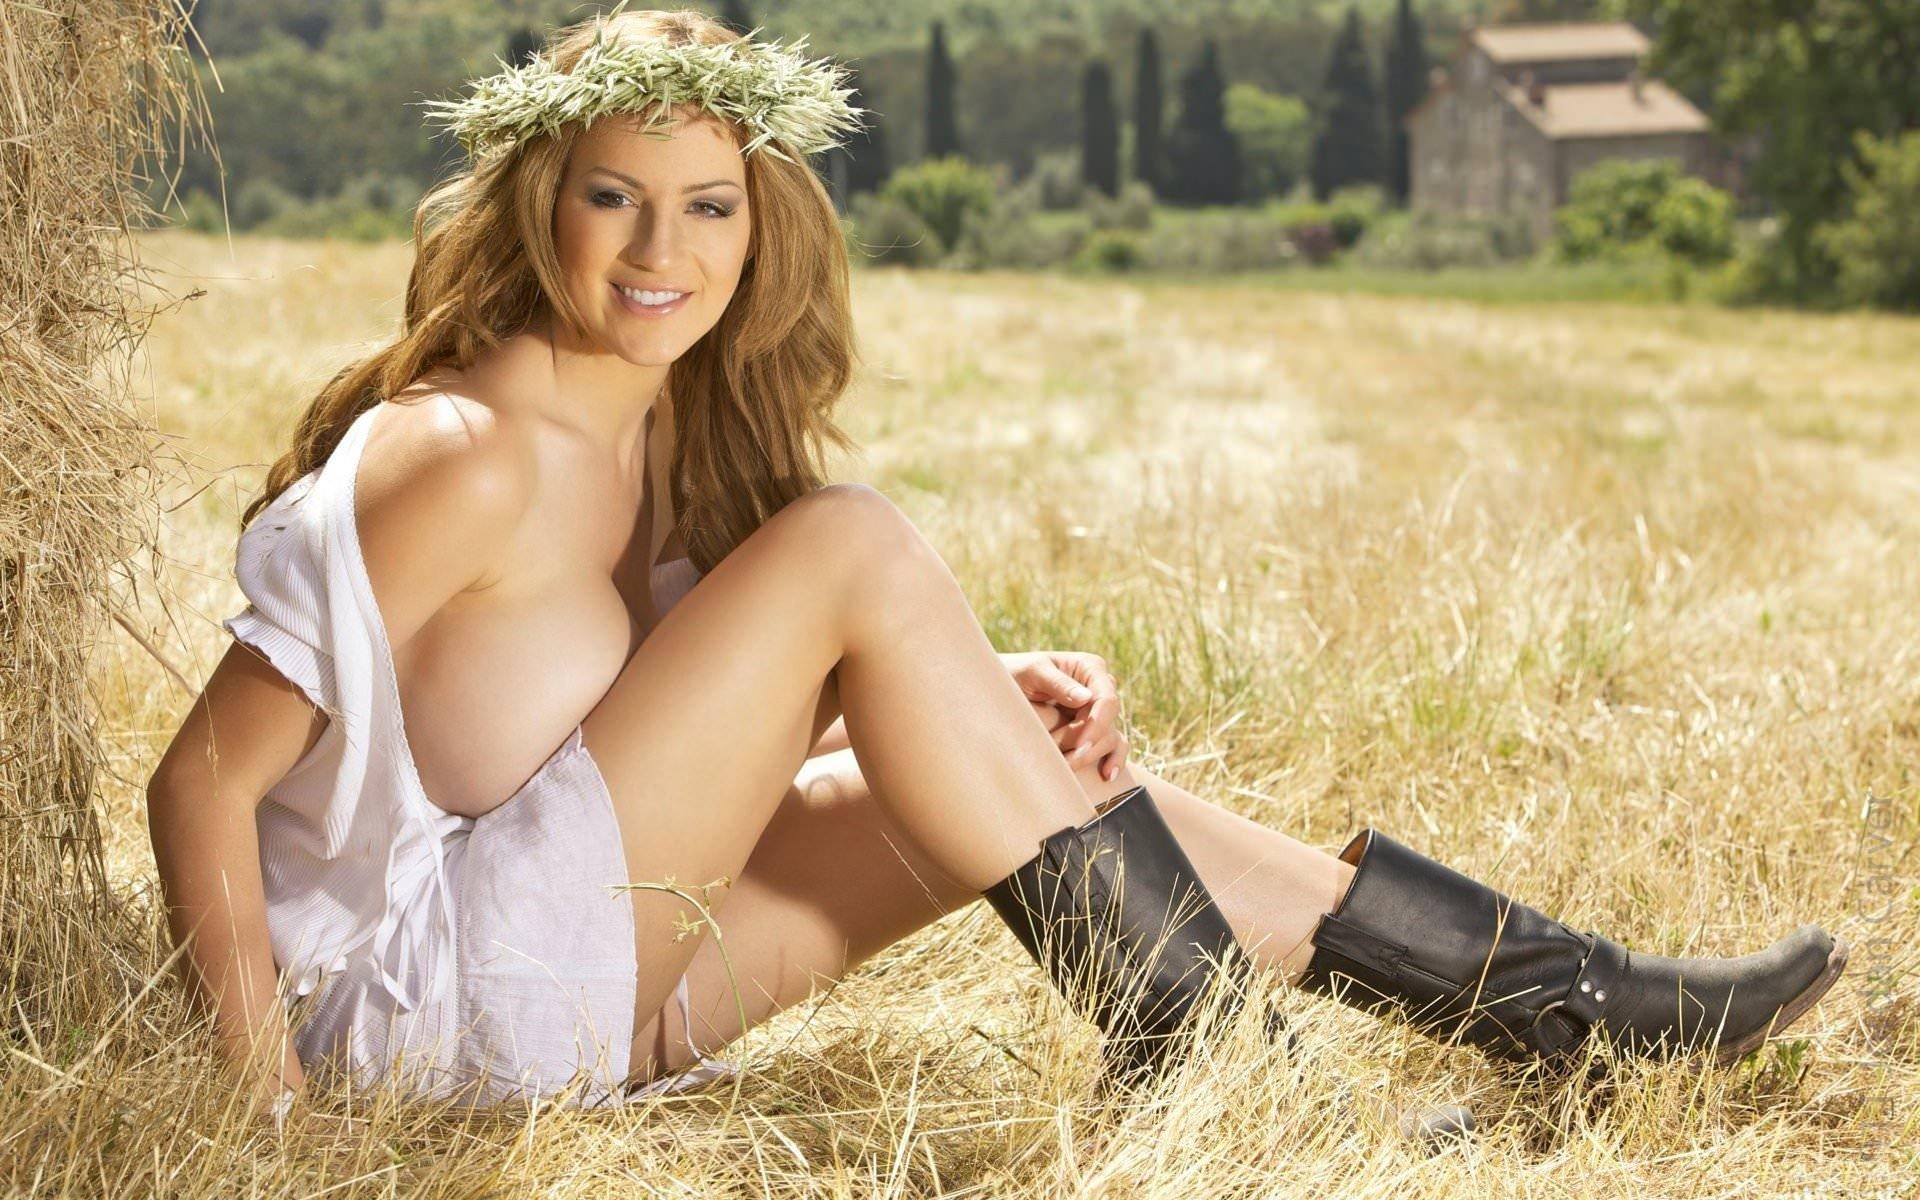 Фото Сисястая молодая девушка на сеновале, черные сапоги, белое деревенское платье, большая грудь, сиськи больше колена, венок на голове и милая улыбка, пышные волосы, девушка на траве. Country girl with big boobs, huge tits, grass, hay, wreath, black boots, smile, voluminous hair, скачать картинку бесплатно